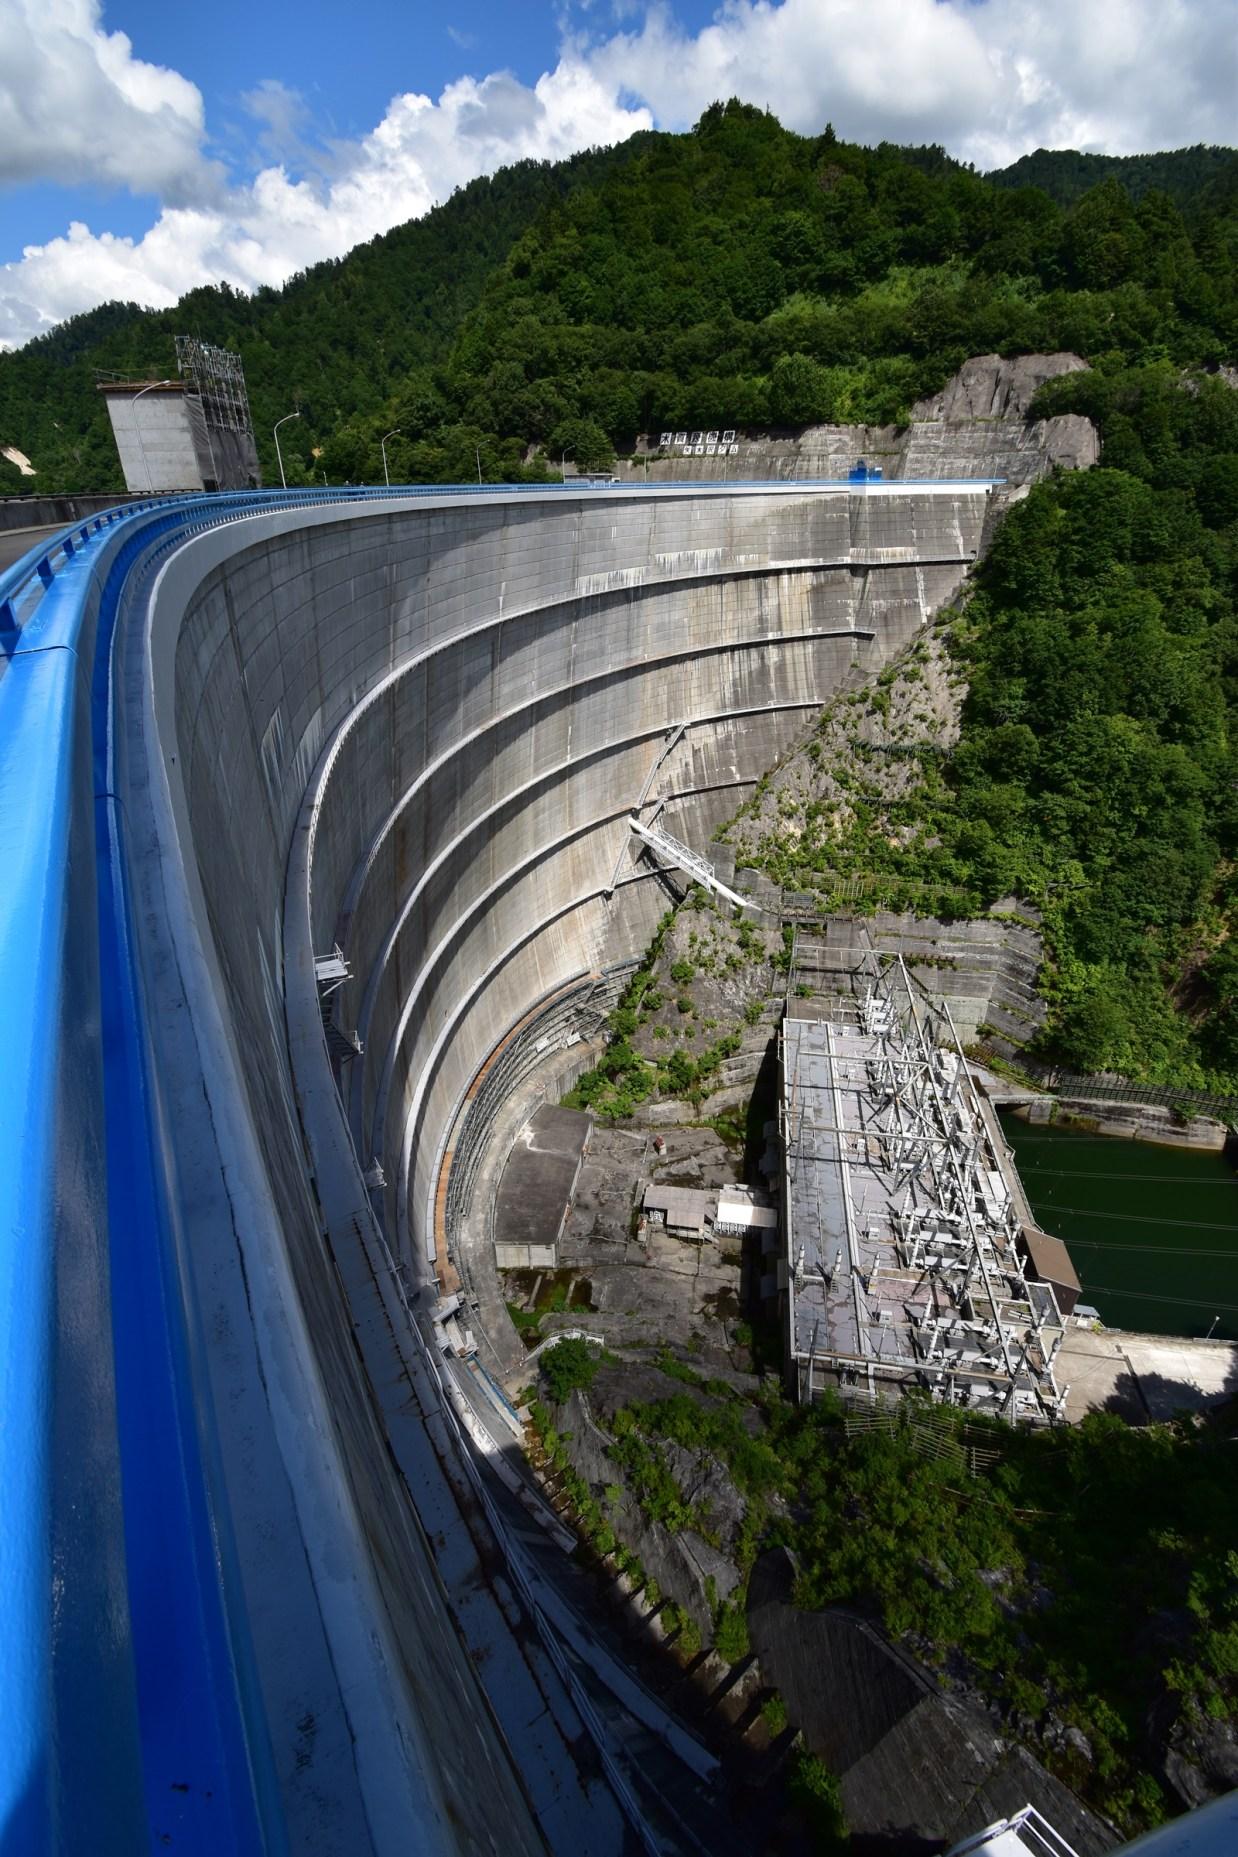 奥利根湖『八木沢ダム』での撮影